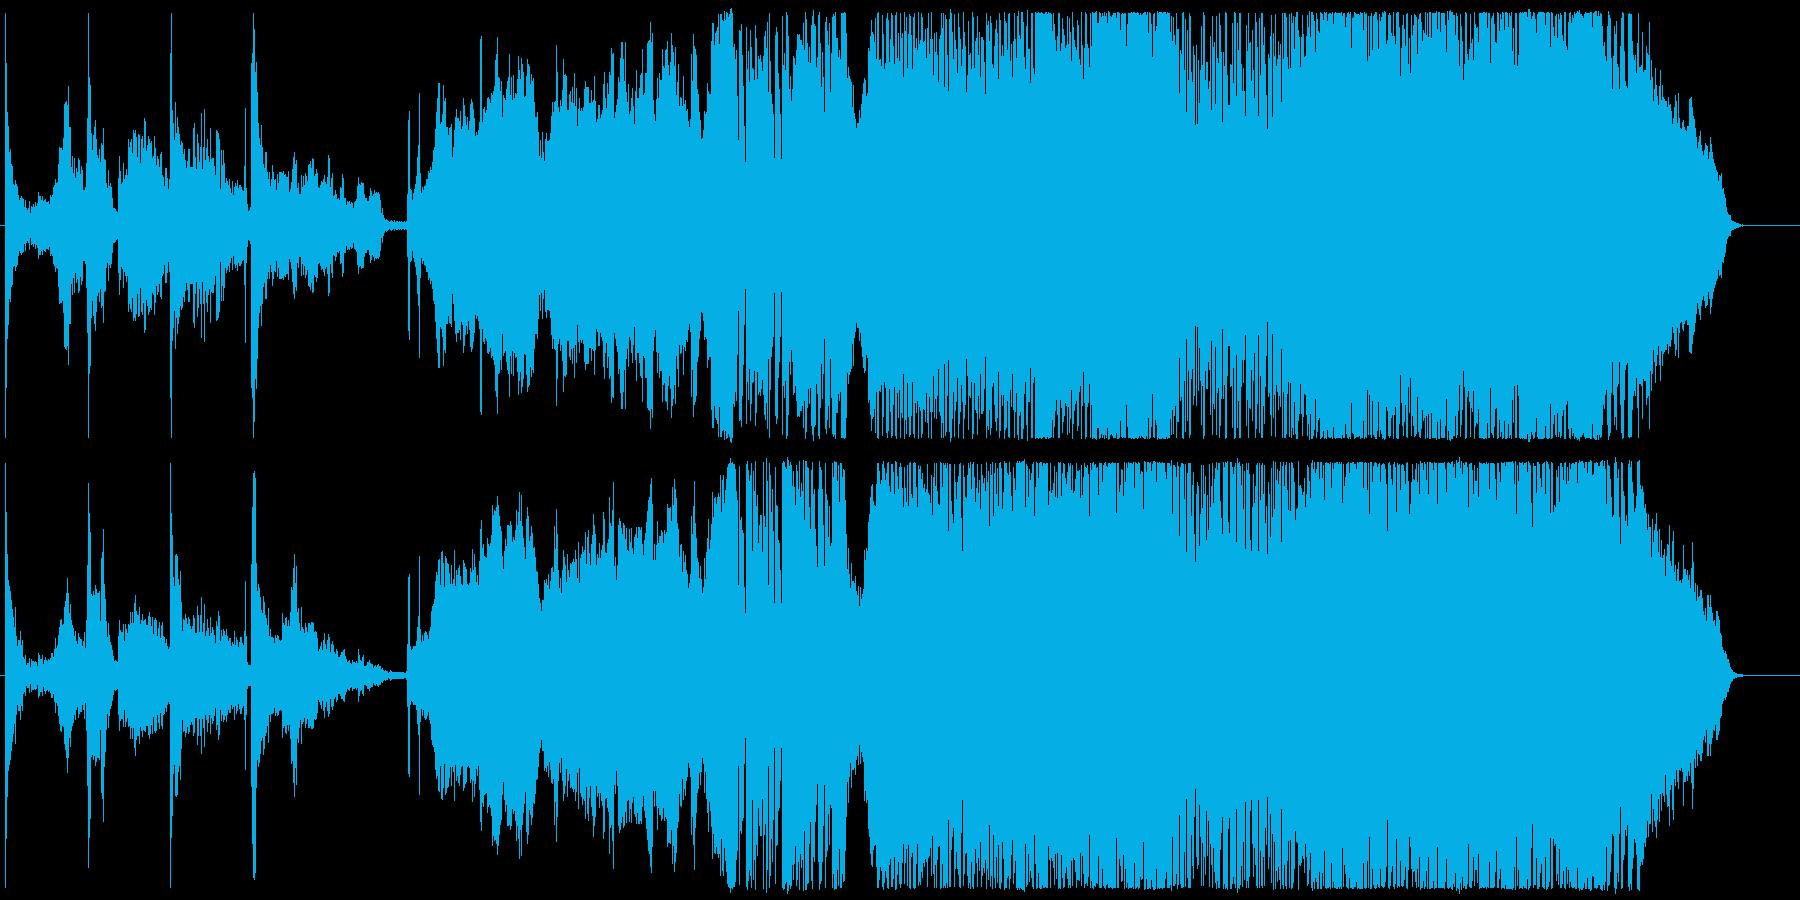 サムライの一騎打ちをイメージした和風曲の再生済みの波形